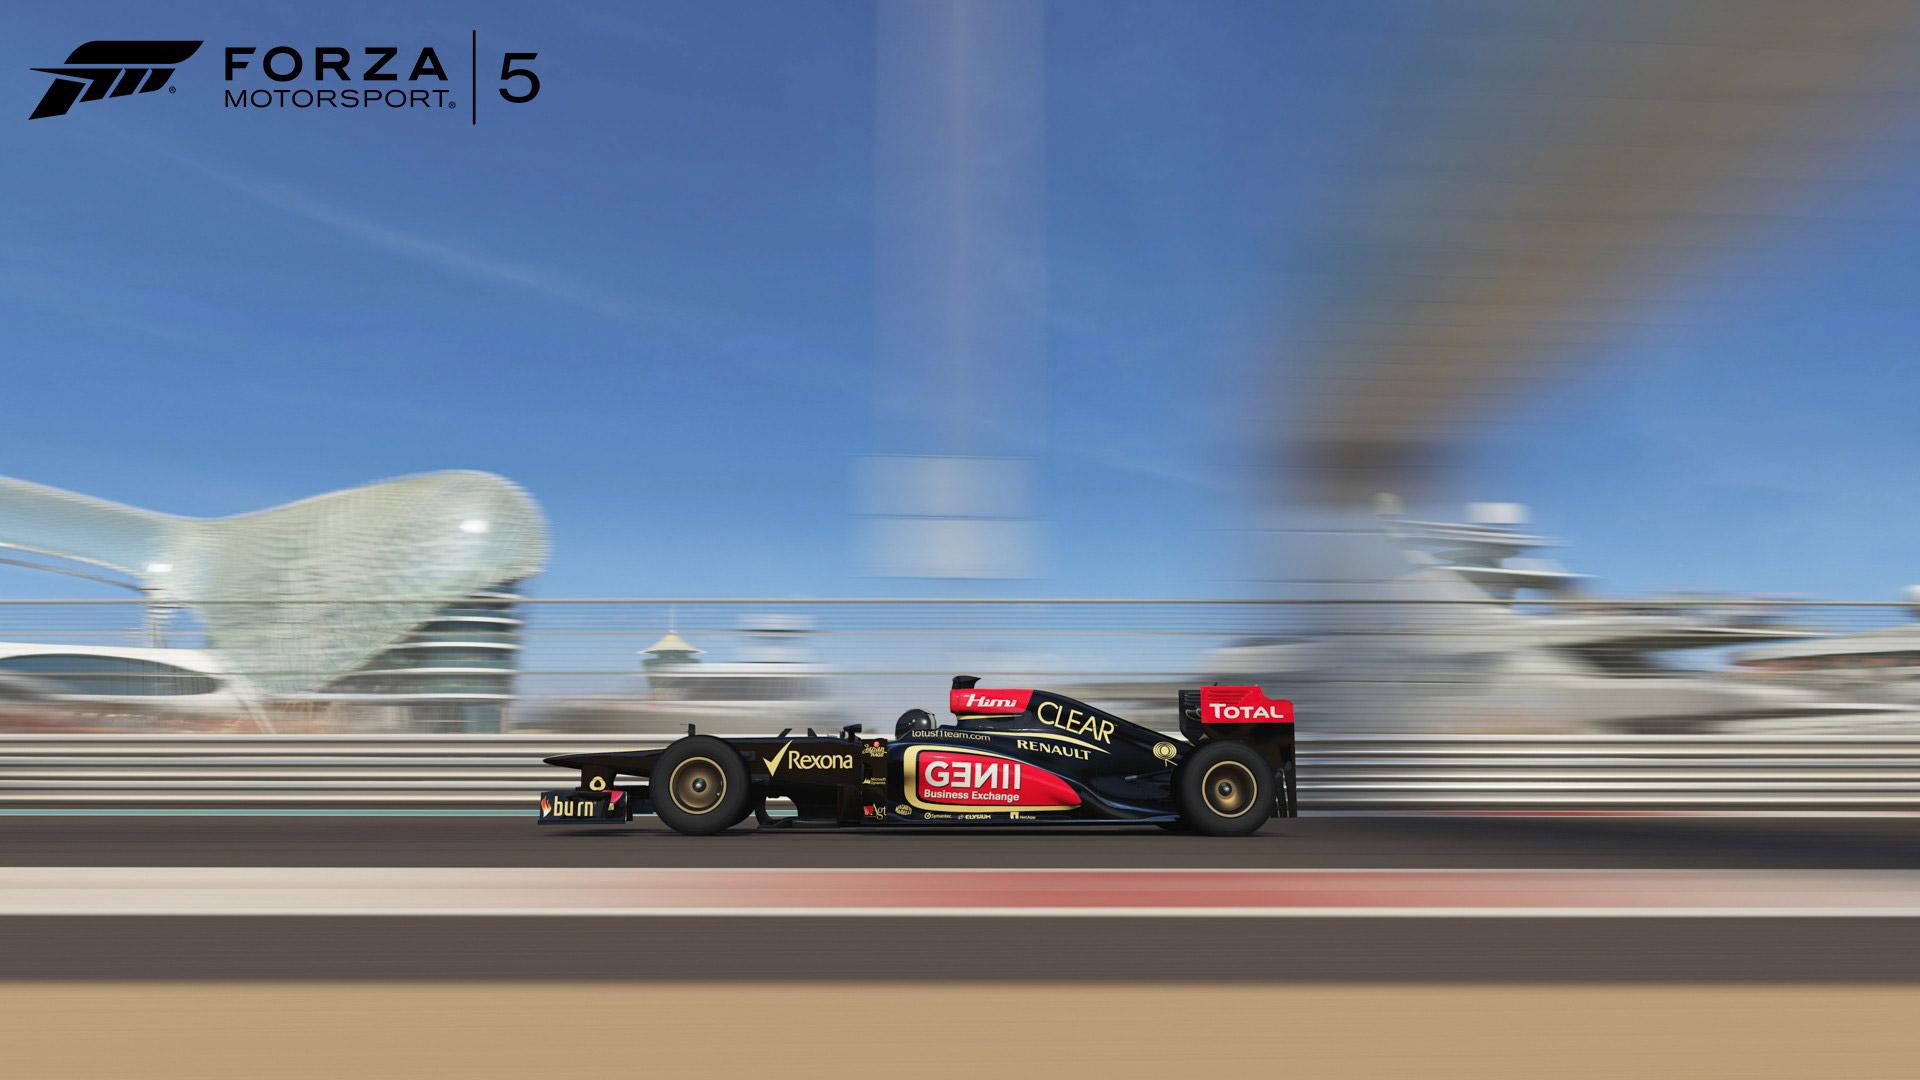 Forza Motorsport 5 wallpaper 8